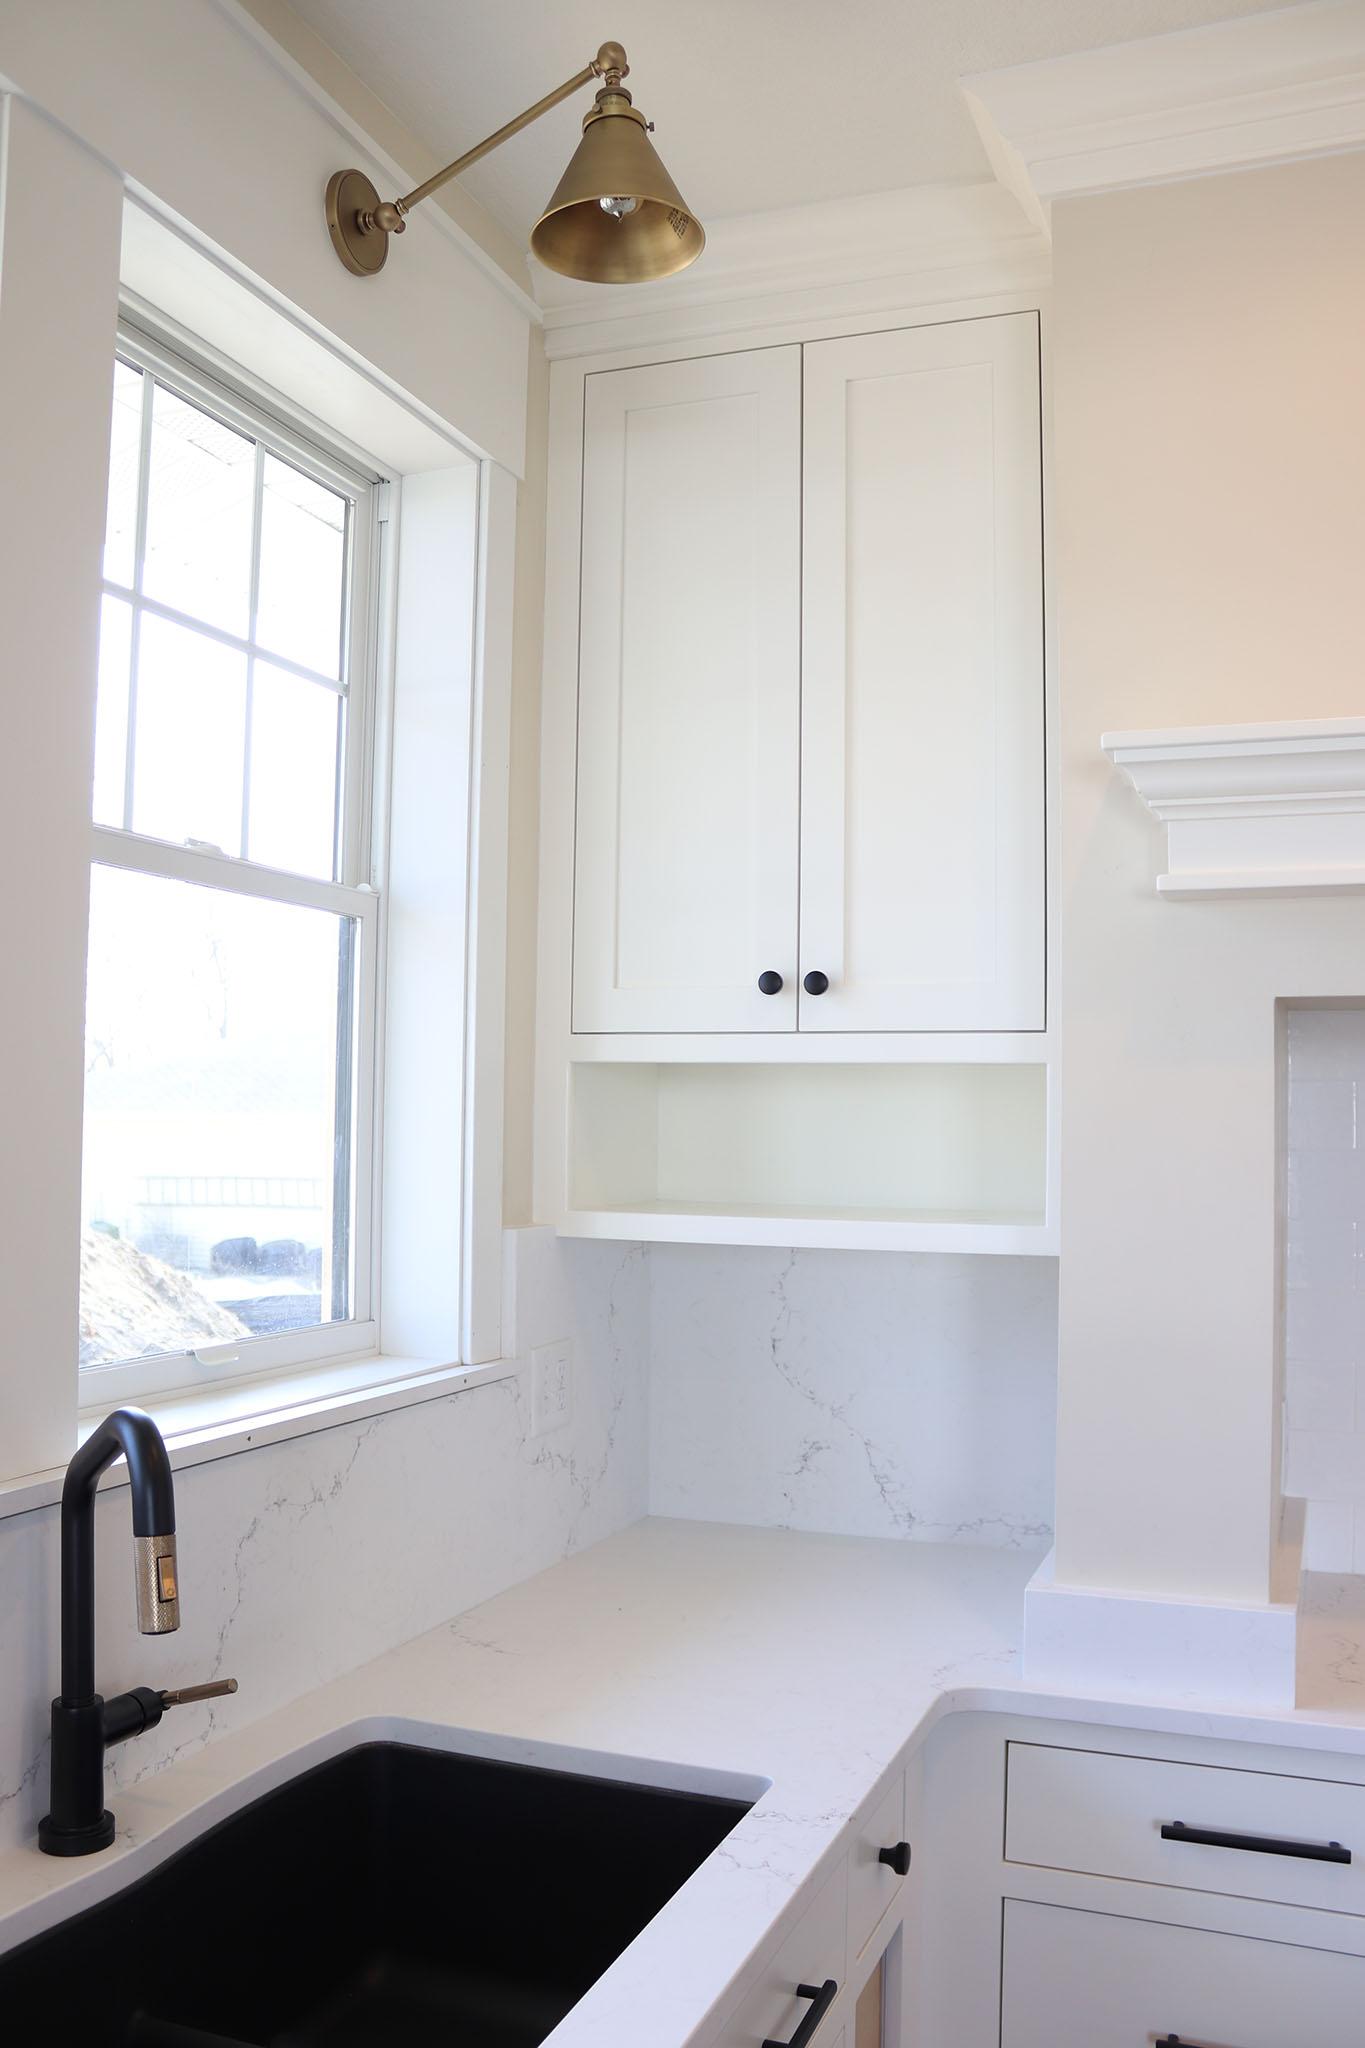 Black undermount kitchen sink with storage nook and cabinet